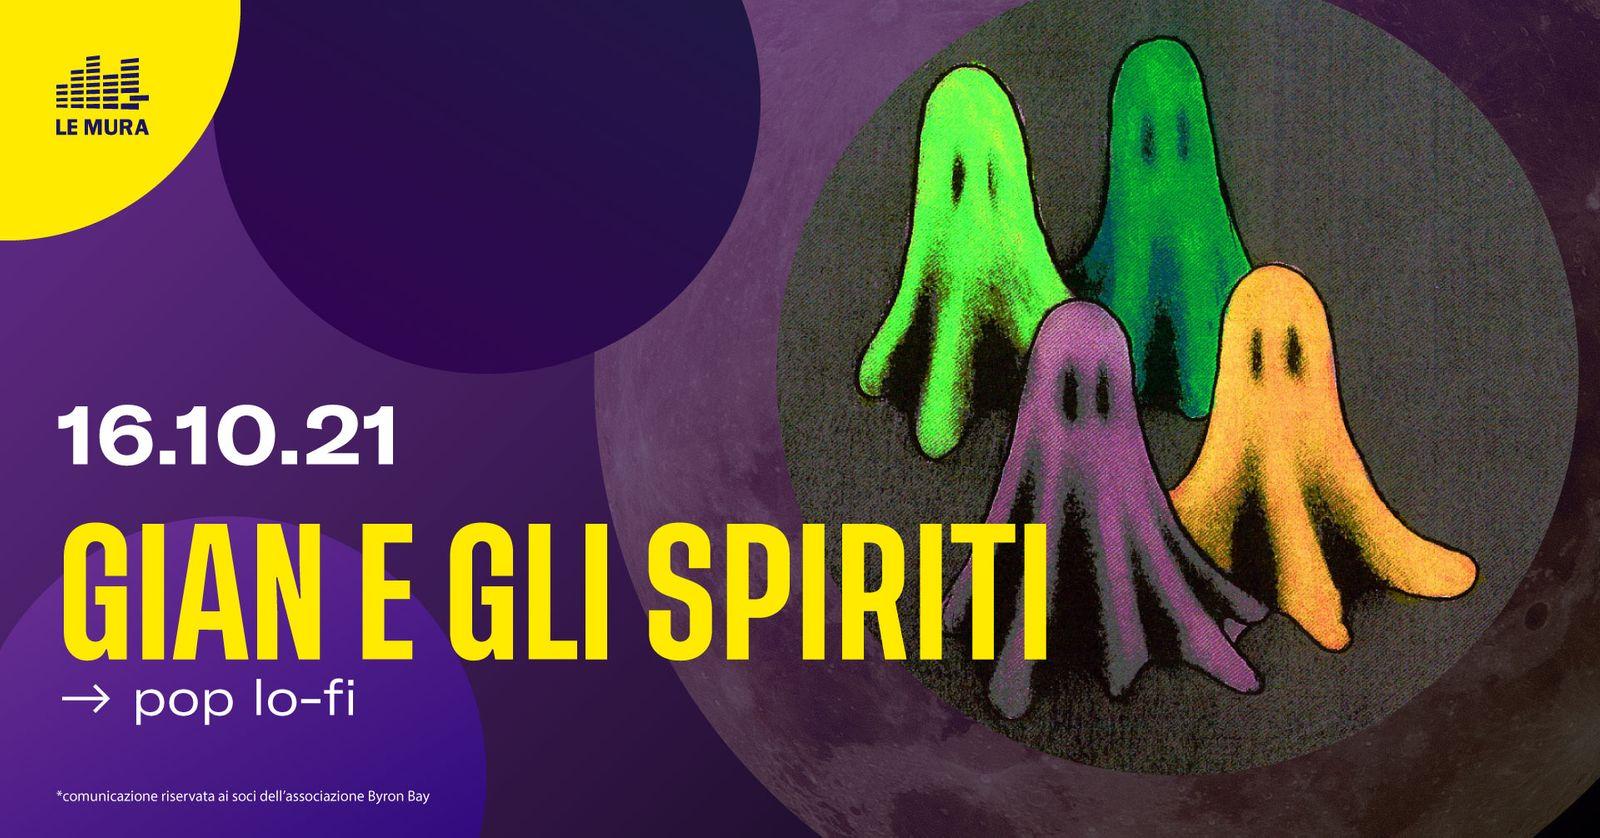 Gian e gli spiriti - Le Mura